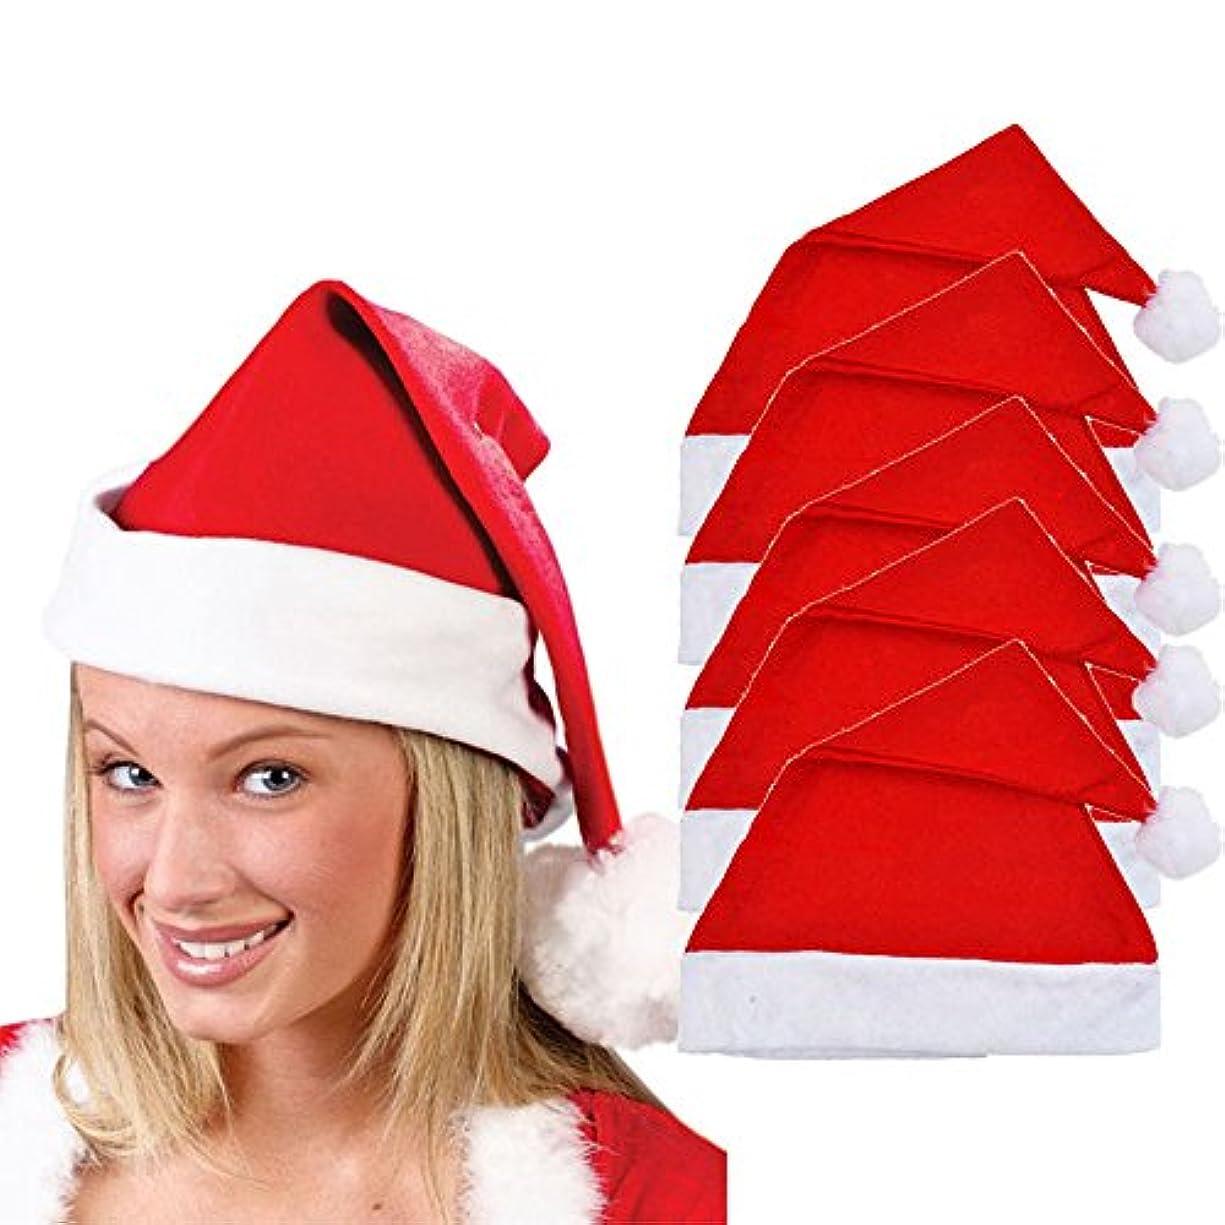 村多様性作りRacazing クリスマスハット 5つの レッド Hat ライト ドームキャップ 防寒対策 通気性のある 防風 ニット帽 暖かい 軽量 屋外 スキー 自転車 クリスマス 男女兼用 Christmas Cap